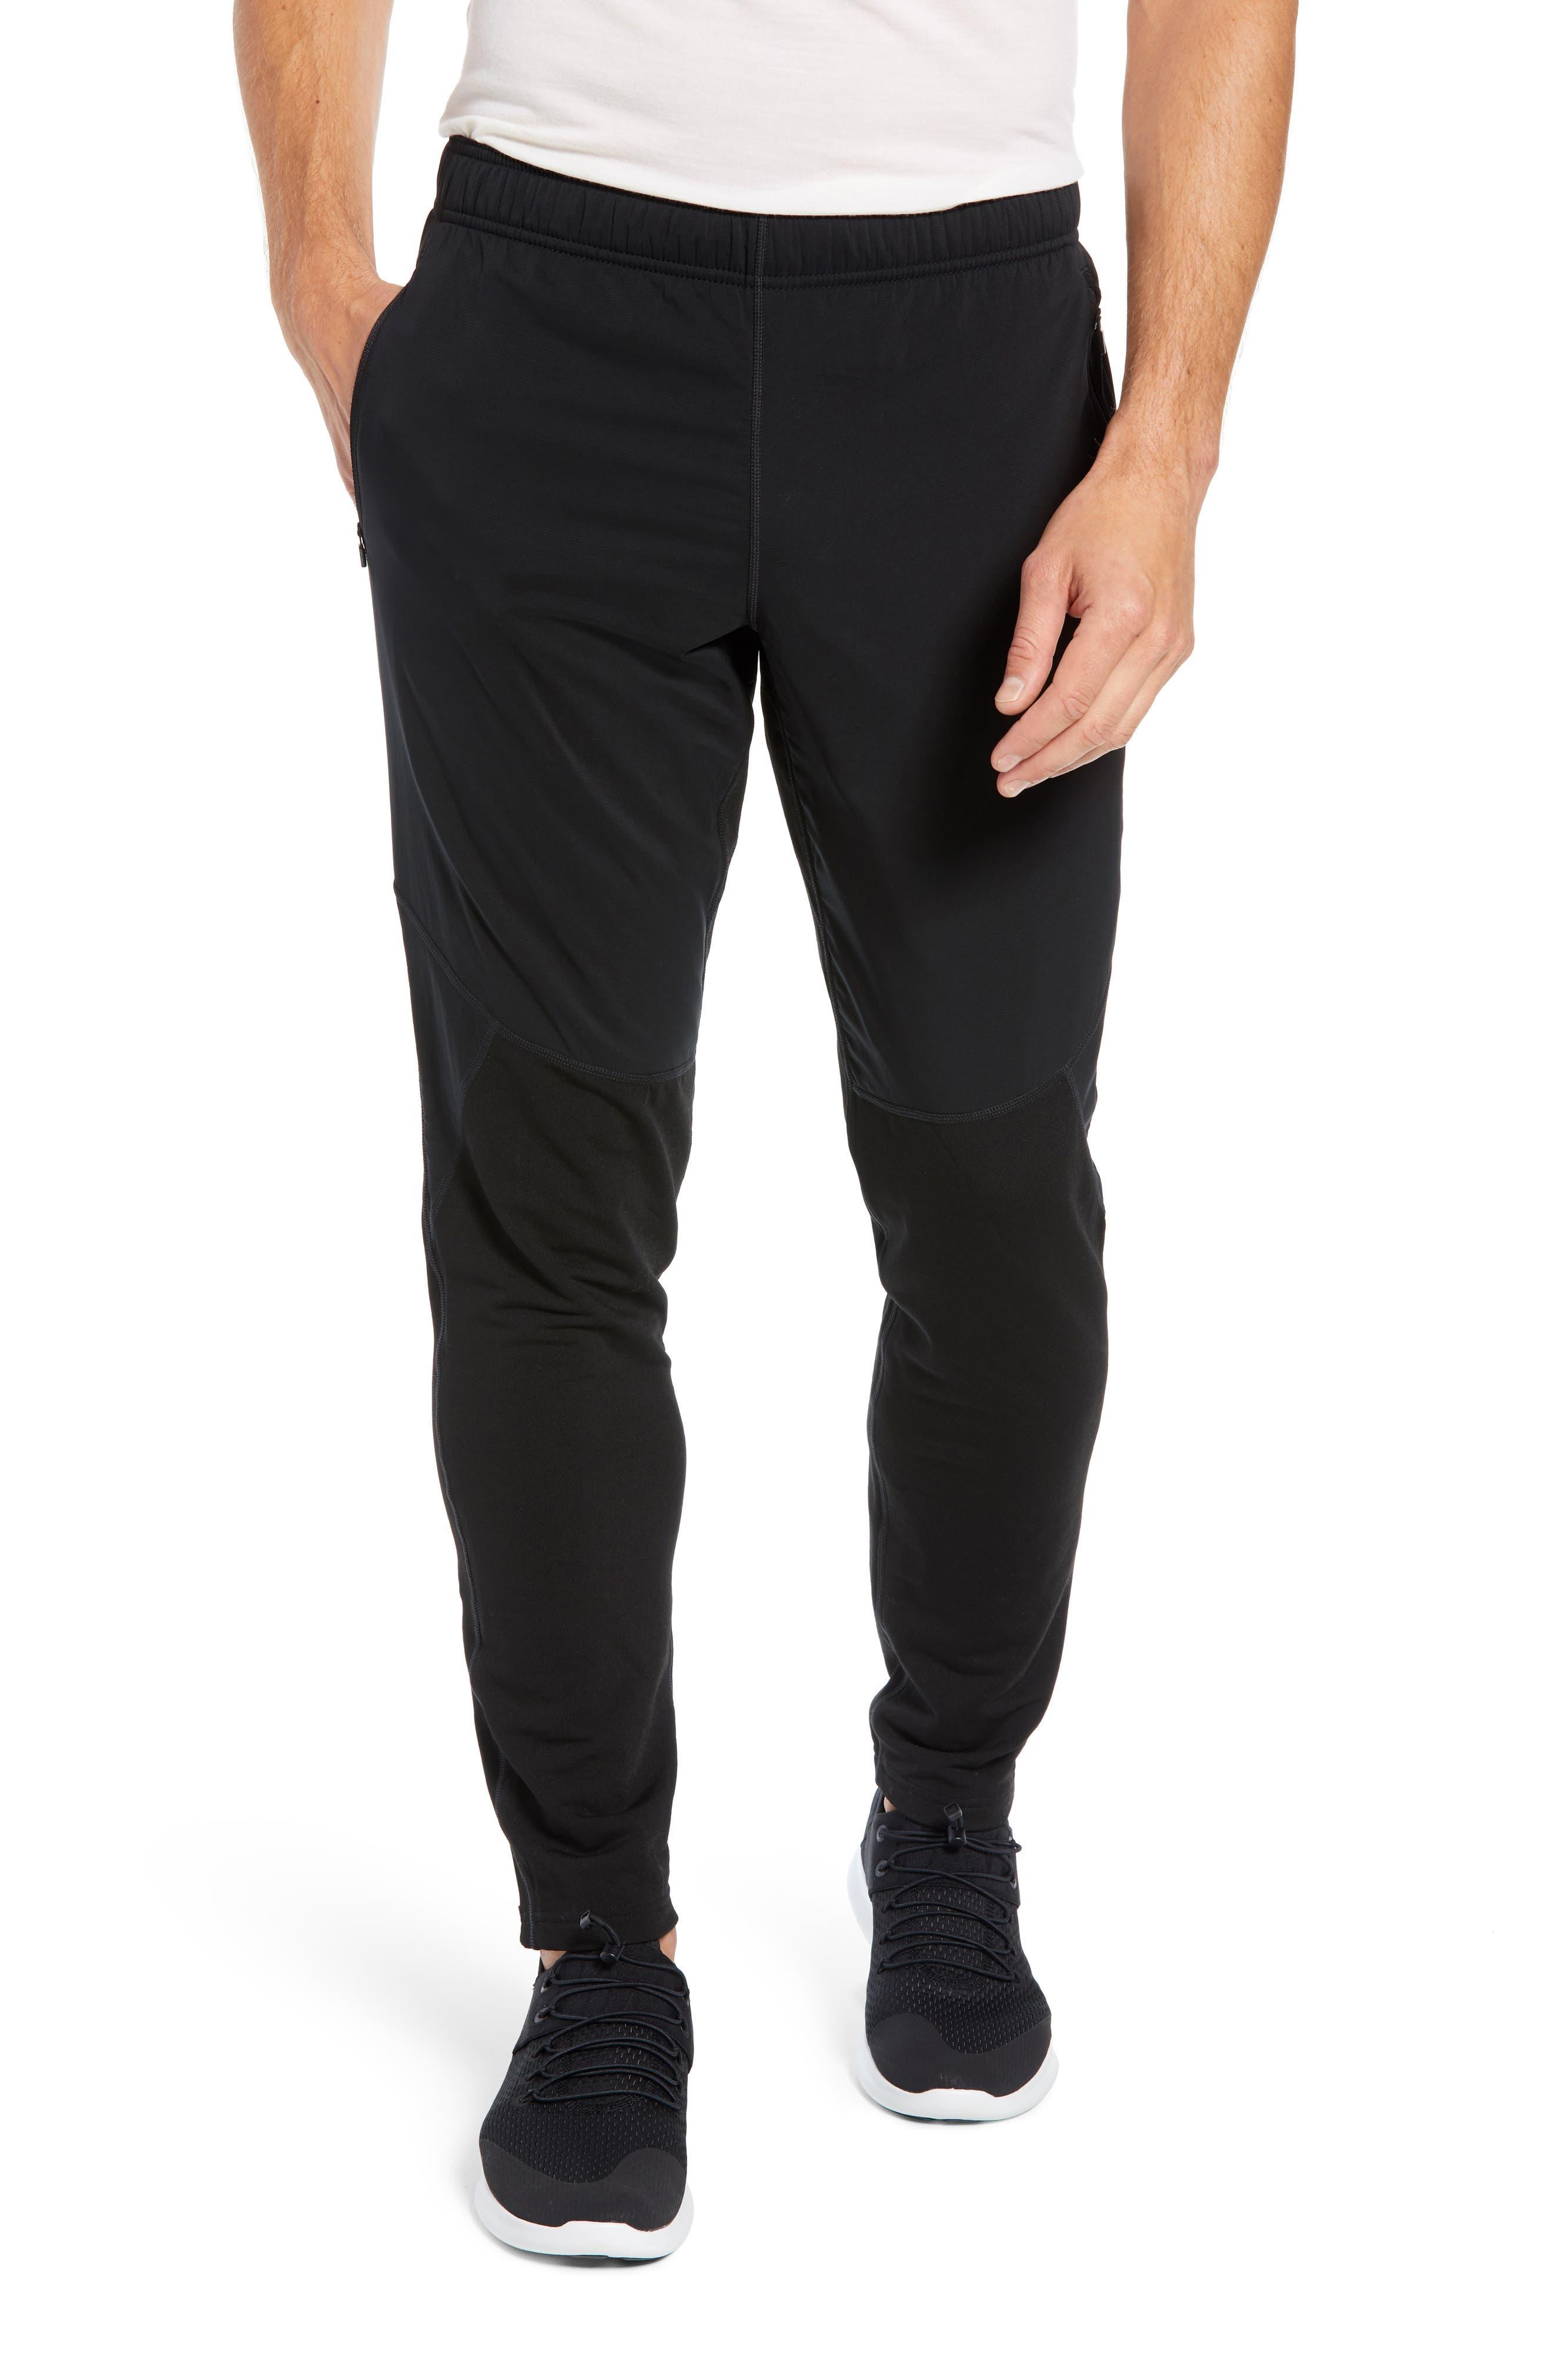 Tech Trainer Hybrid Sport Pants,                         Main,                         color, BLACK